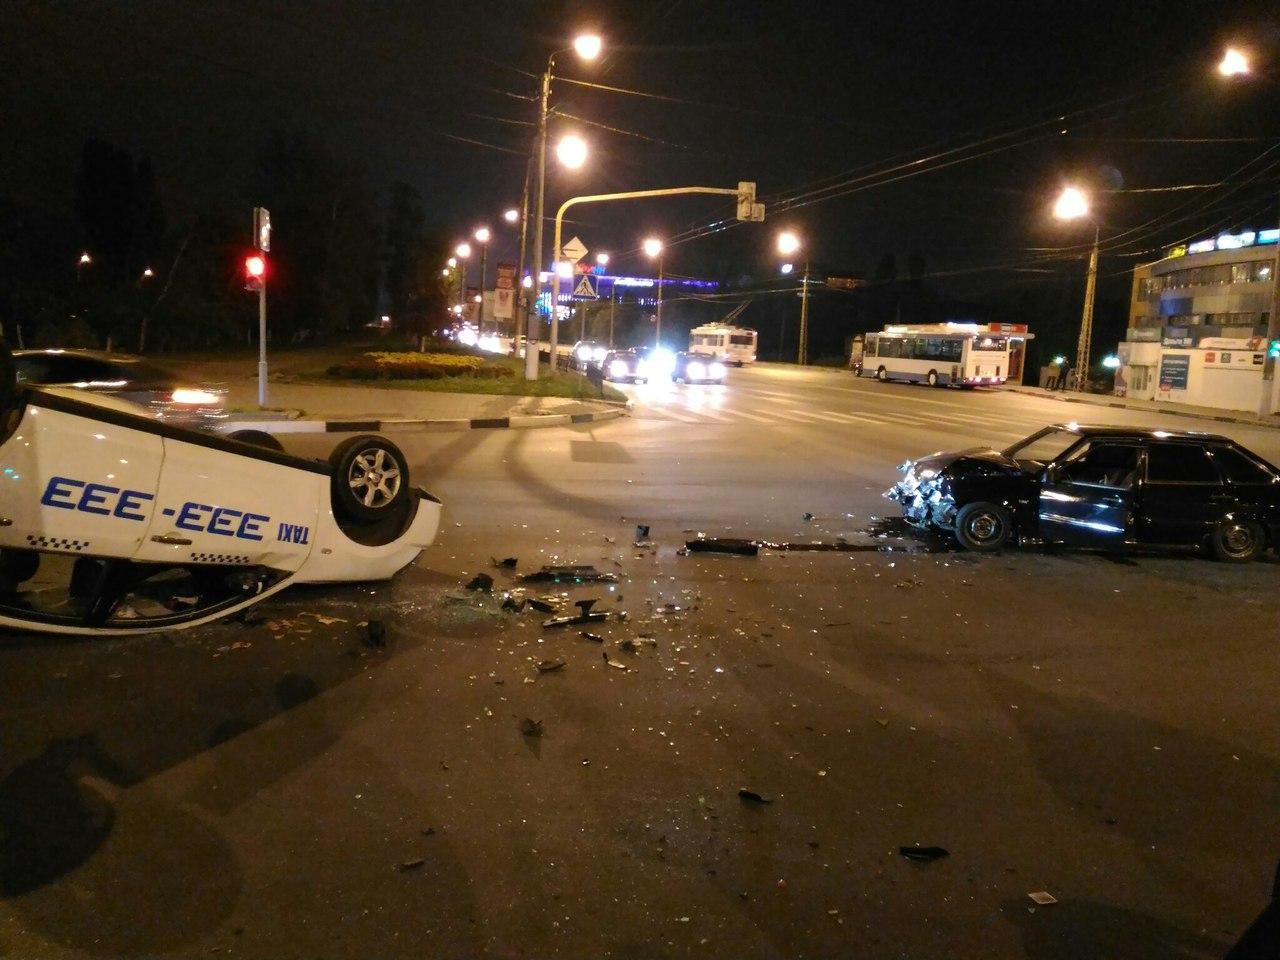 """Фото и видео, как """"тазы"""" превратили уличные гонки в автокатастрофу, попало в Сеть"""